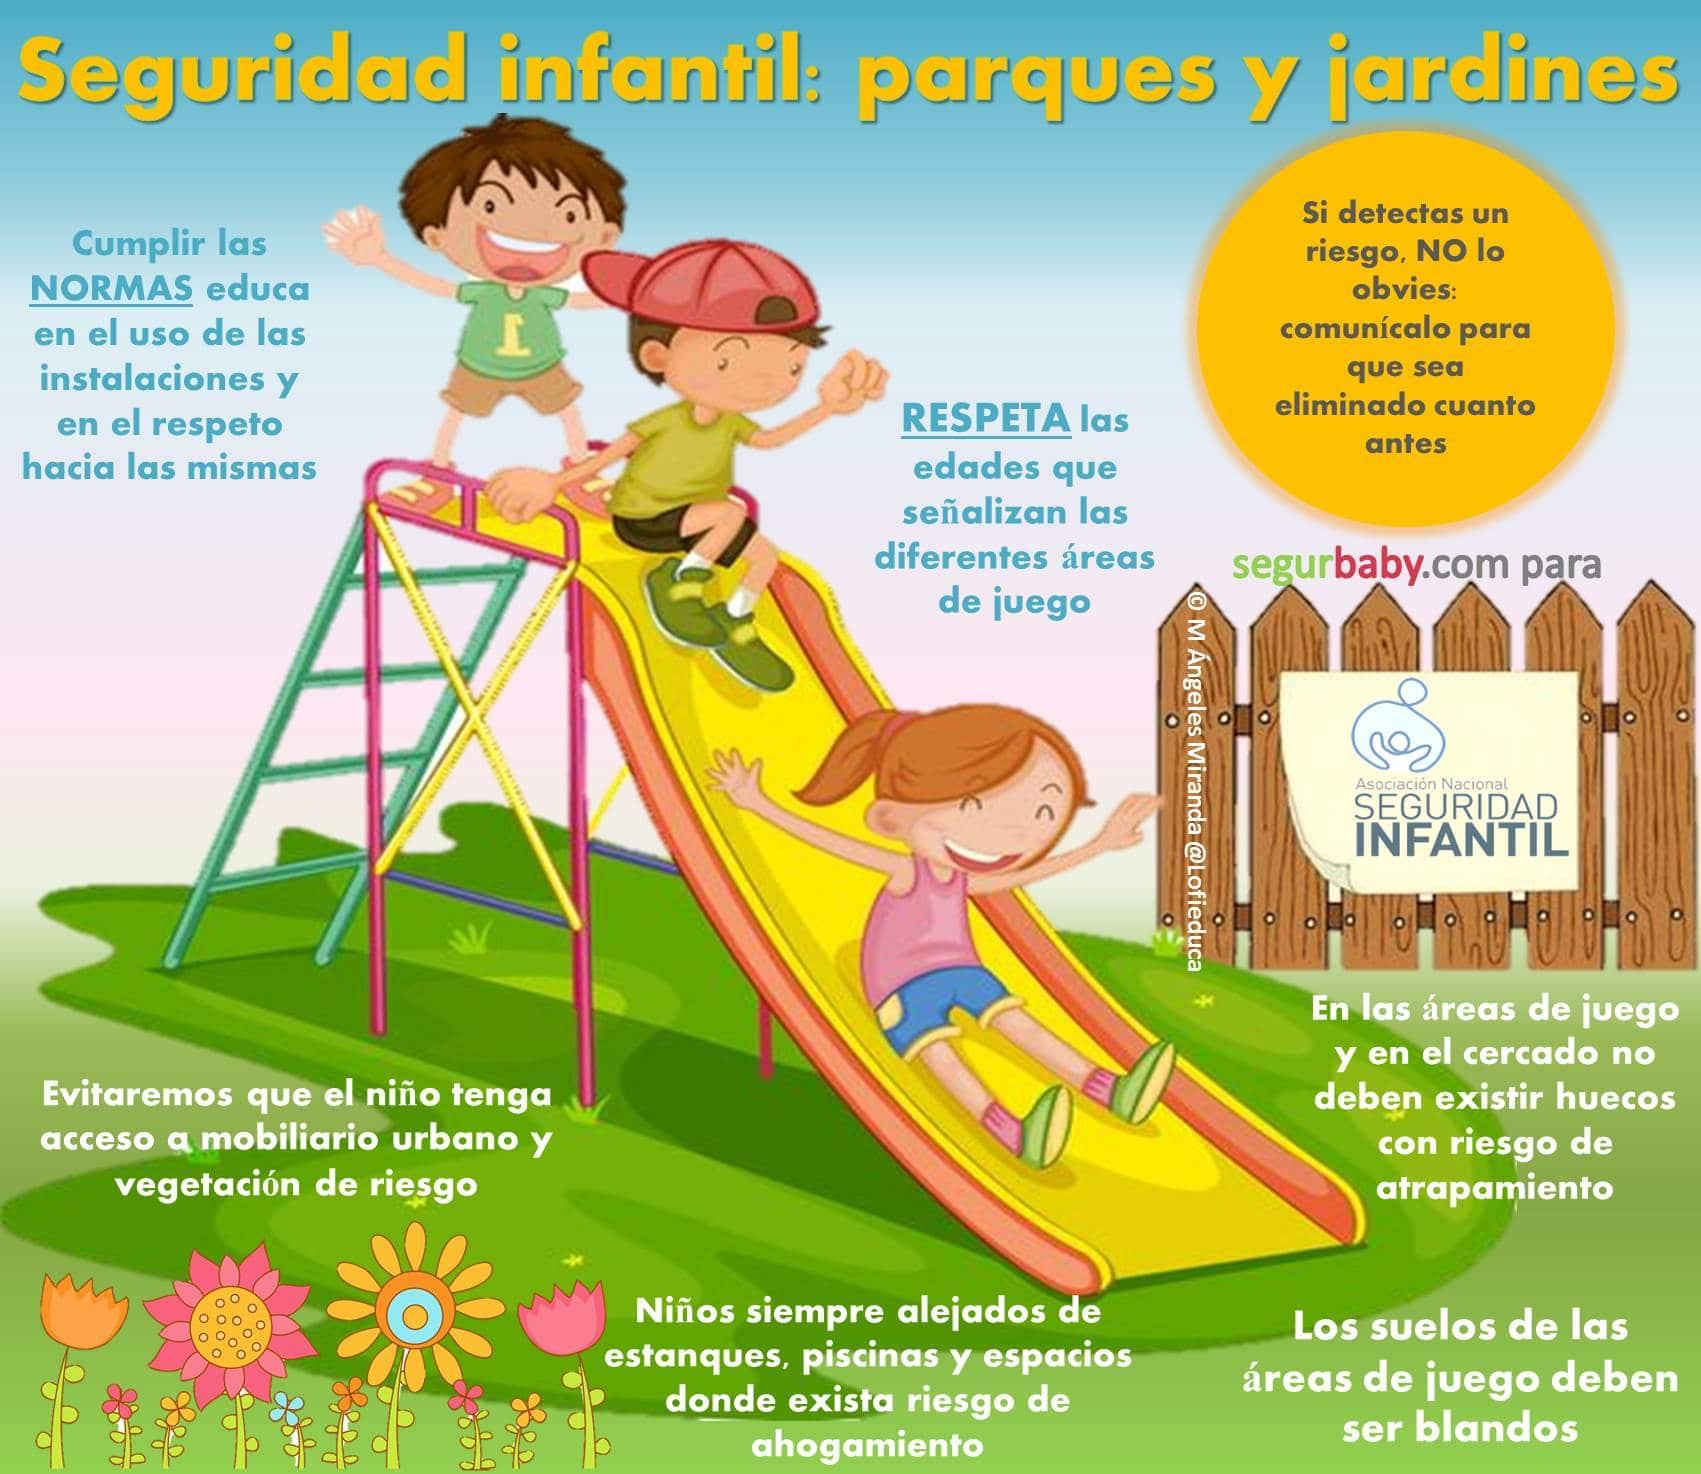 seguridad infantil en parques y jardines